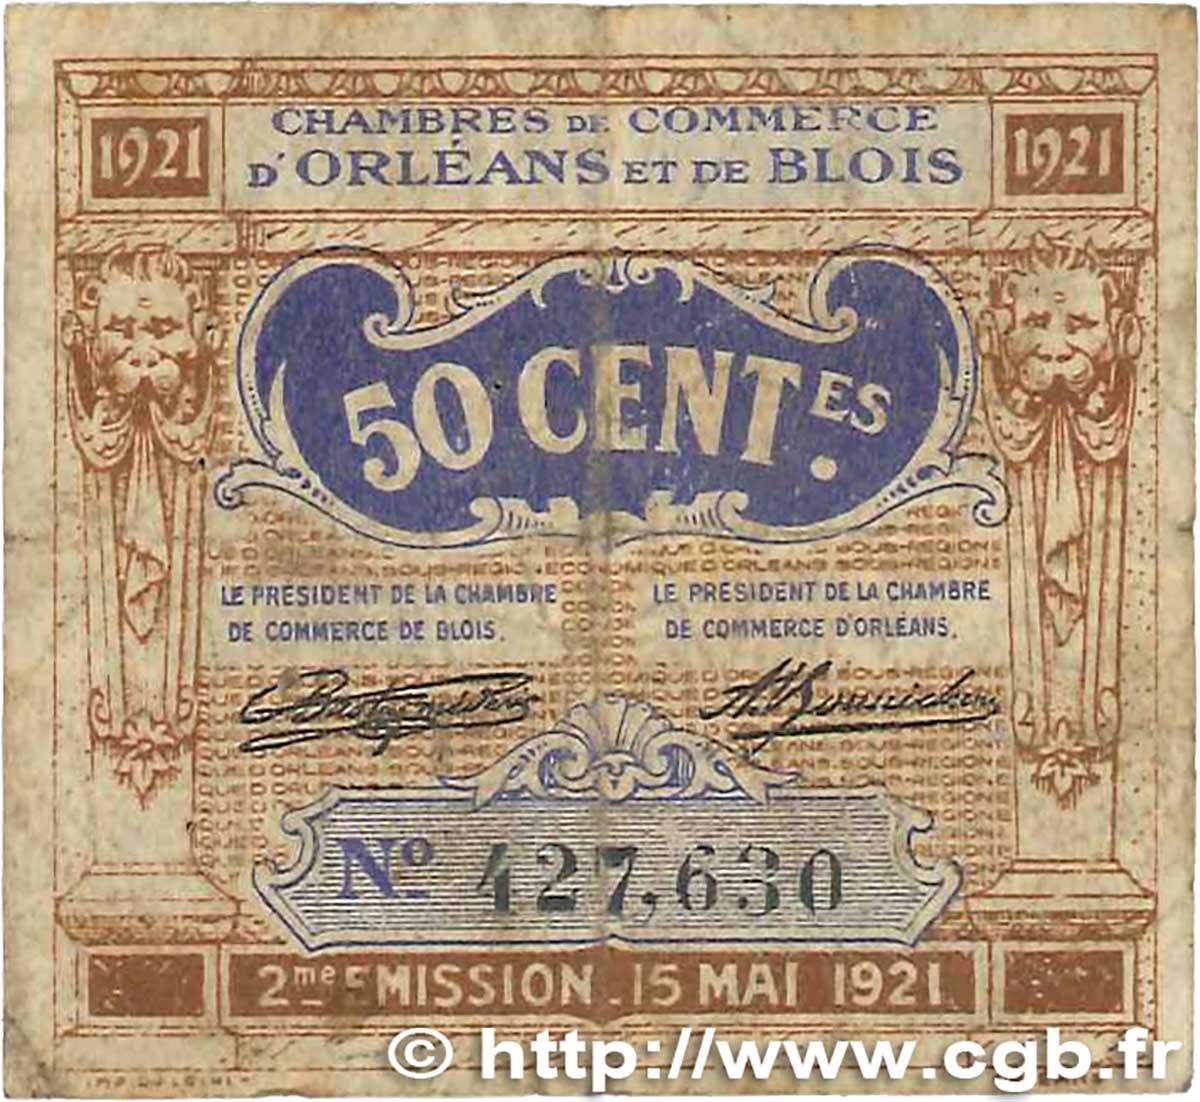 50 centimes france r gionalisme et divers orl ans et blois 1921 b99 1329 billets. Black Bedroom Furniture Sets. Home Design Ideas